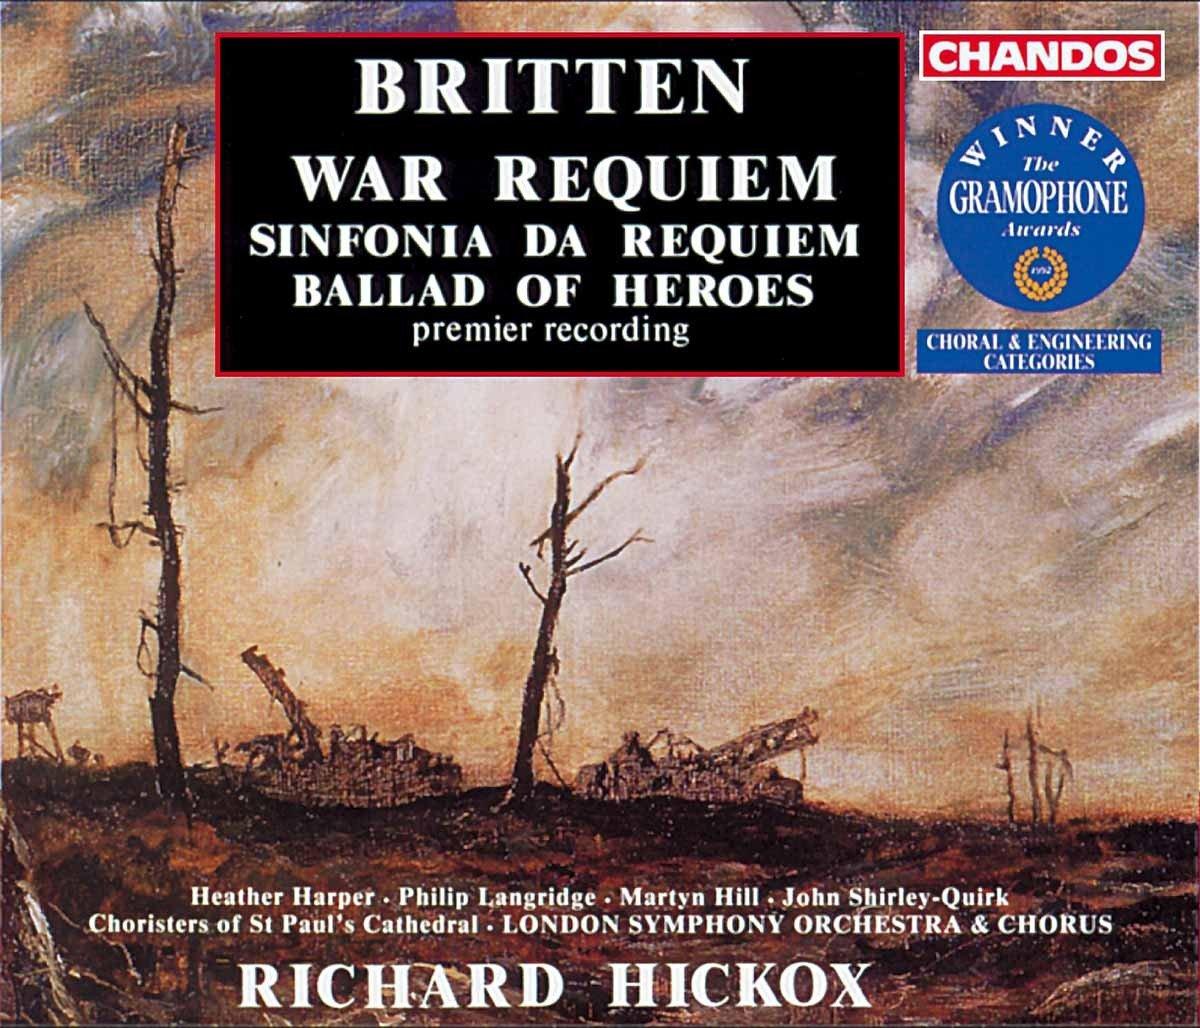 Britten: War Requiem; Sinfonia da Requiem; Ballad of Heroes by Chandos